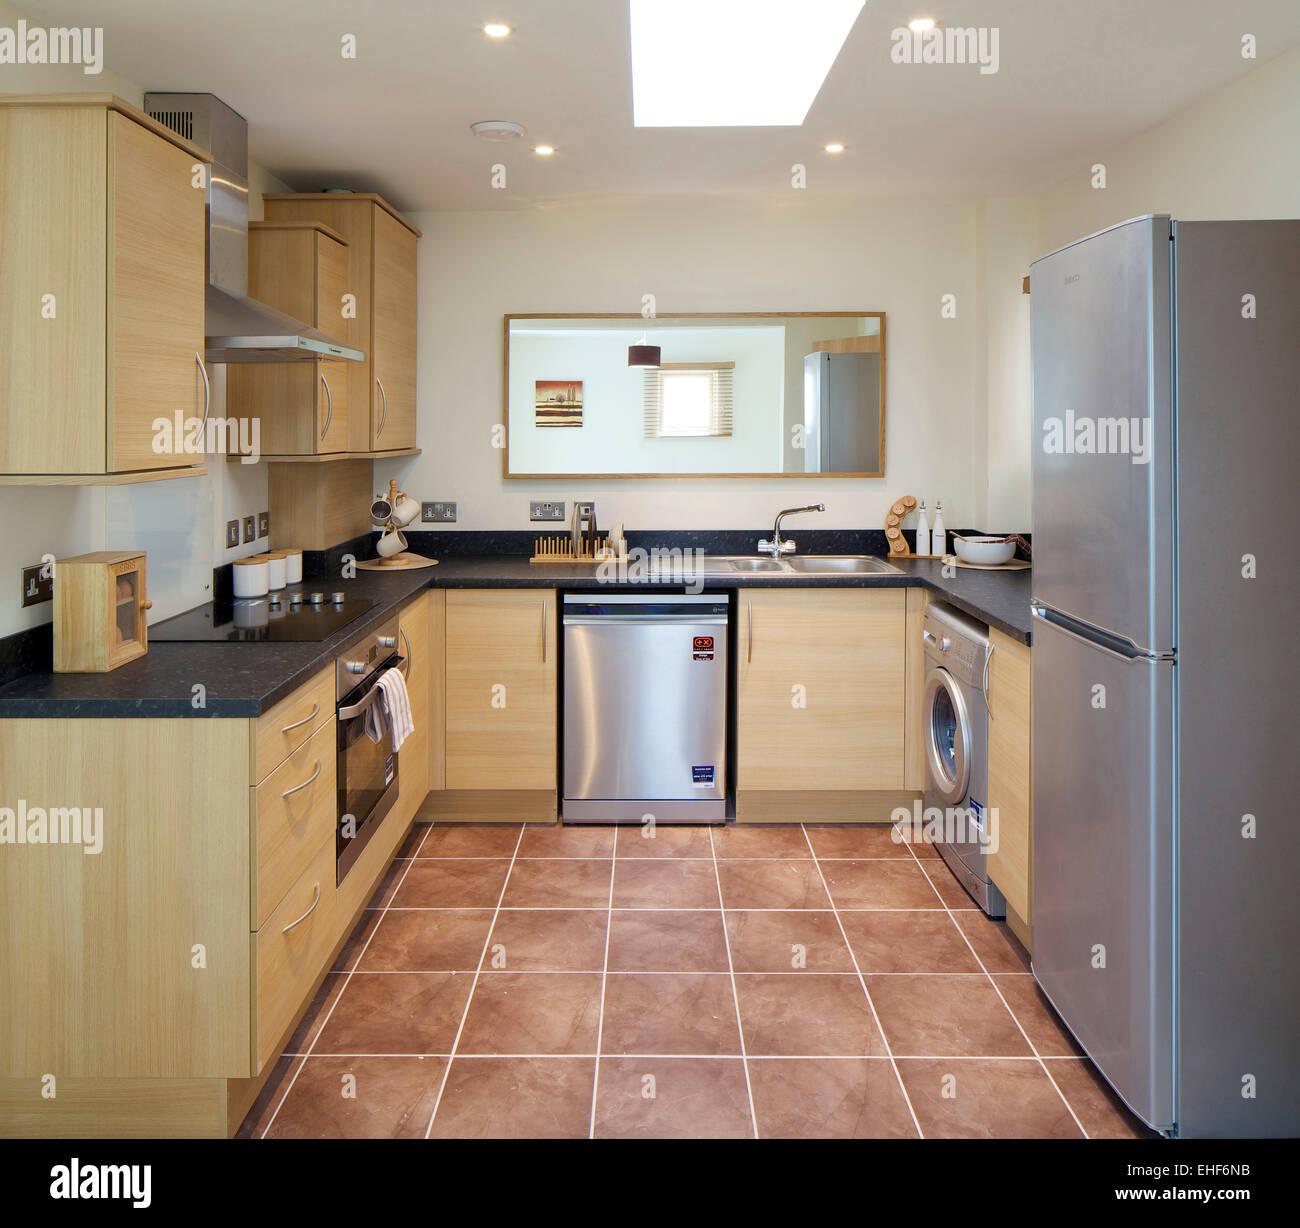 Cocina moderna con unidades de madera y piso de baldosas en el apartamento  al Lawley Village 5de5d4fc1b62